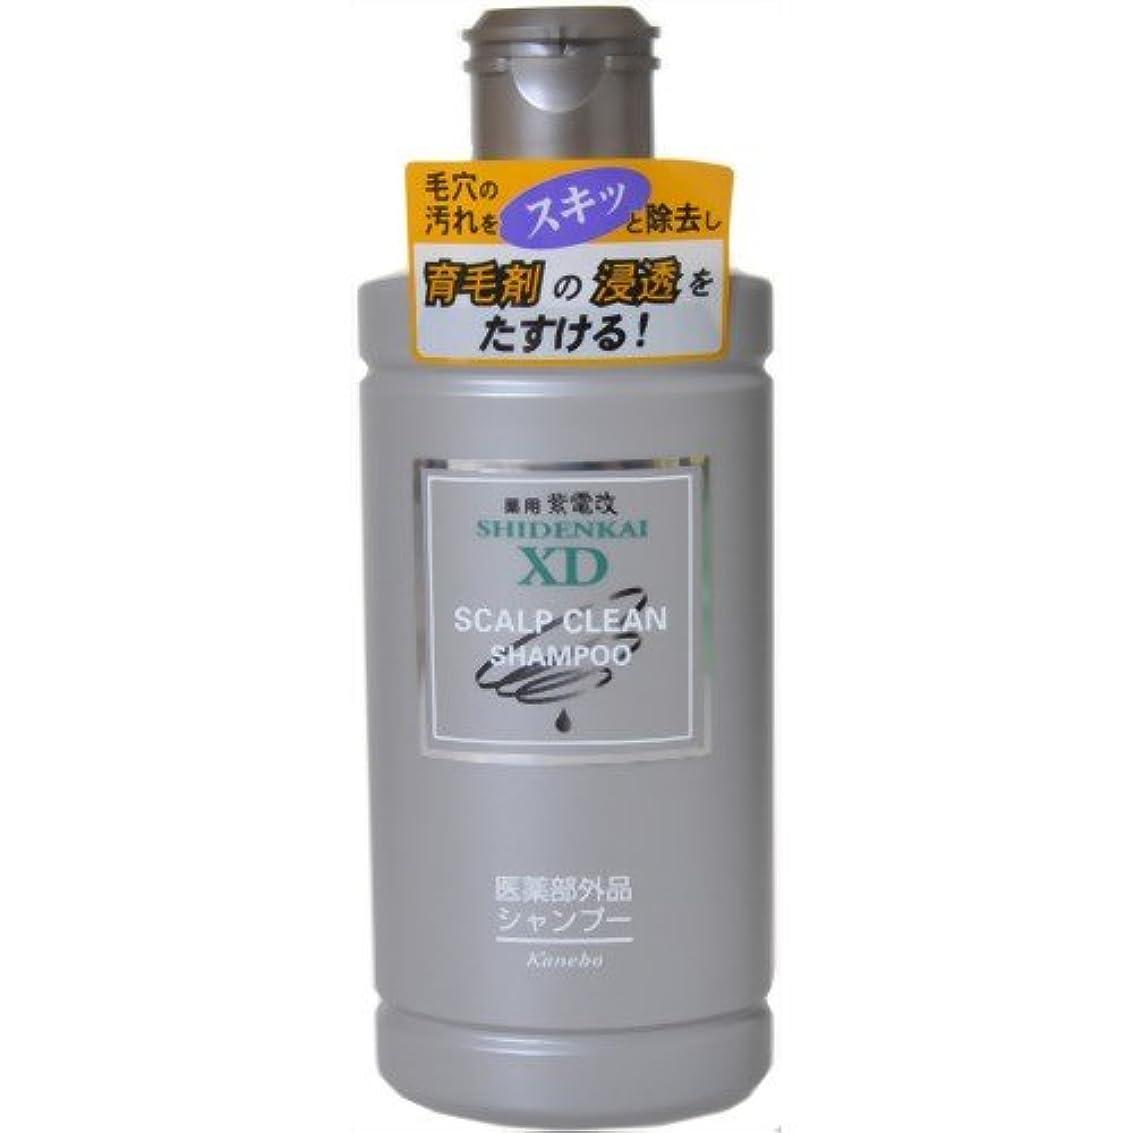 限られた指標抜け目のないカネボウ 薬用紫電改X.Dシャンプー 250ml